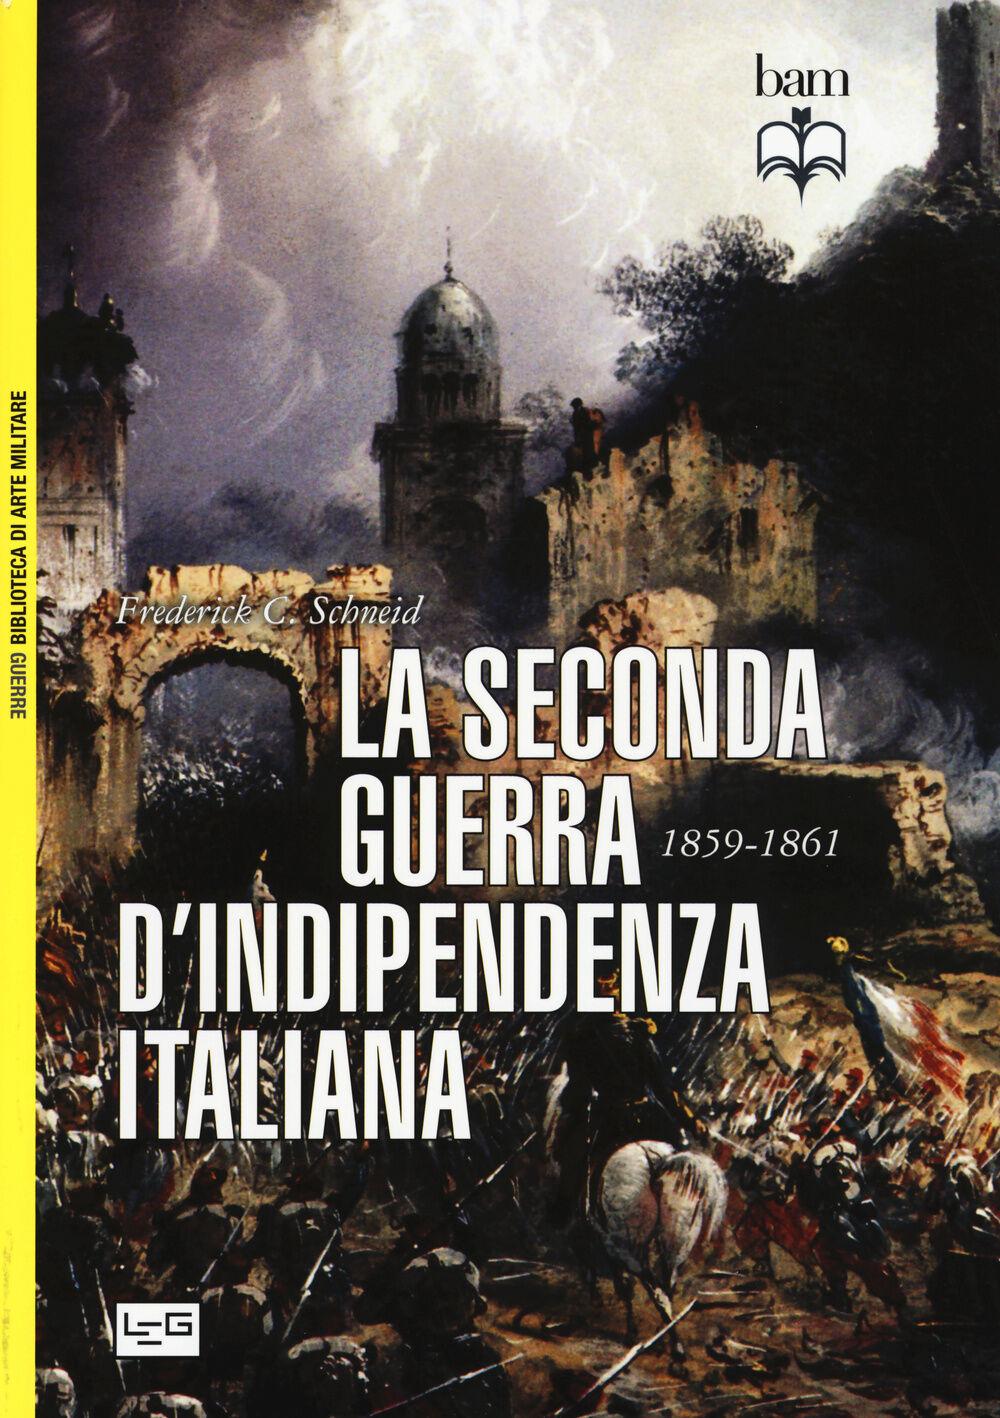 La seconda guerra d'indipendenza italiana 1859-1861